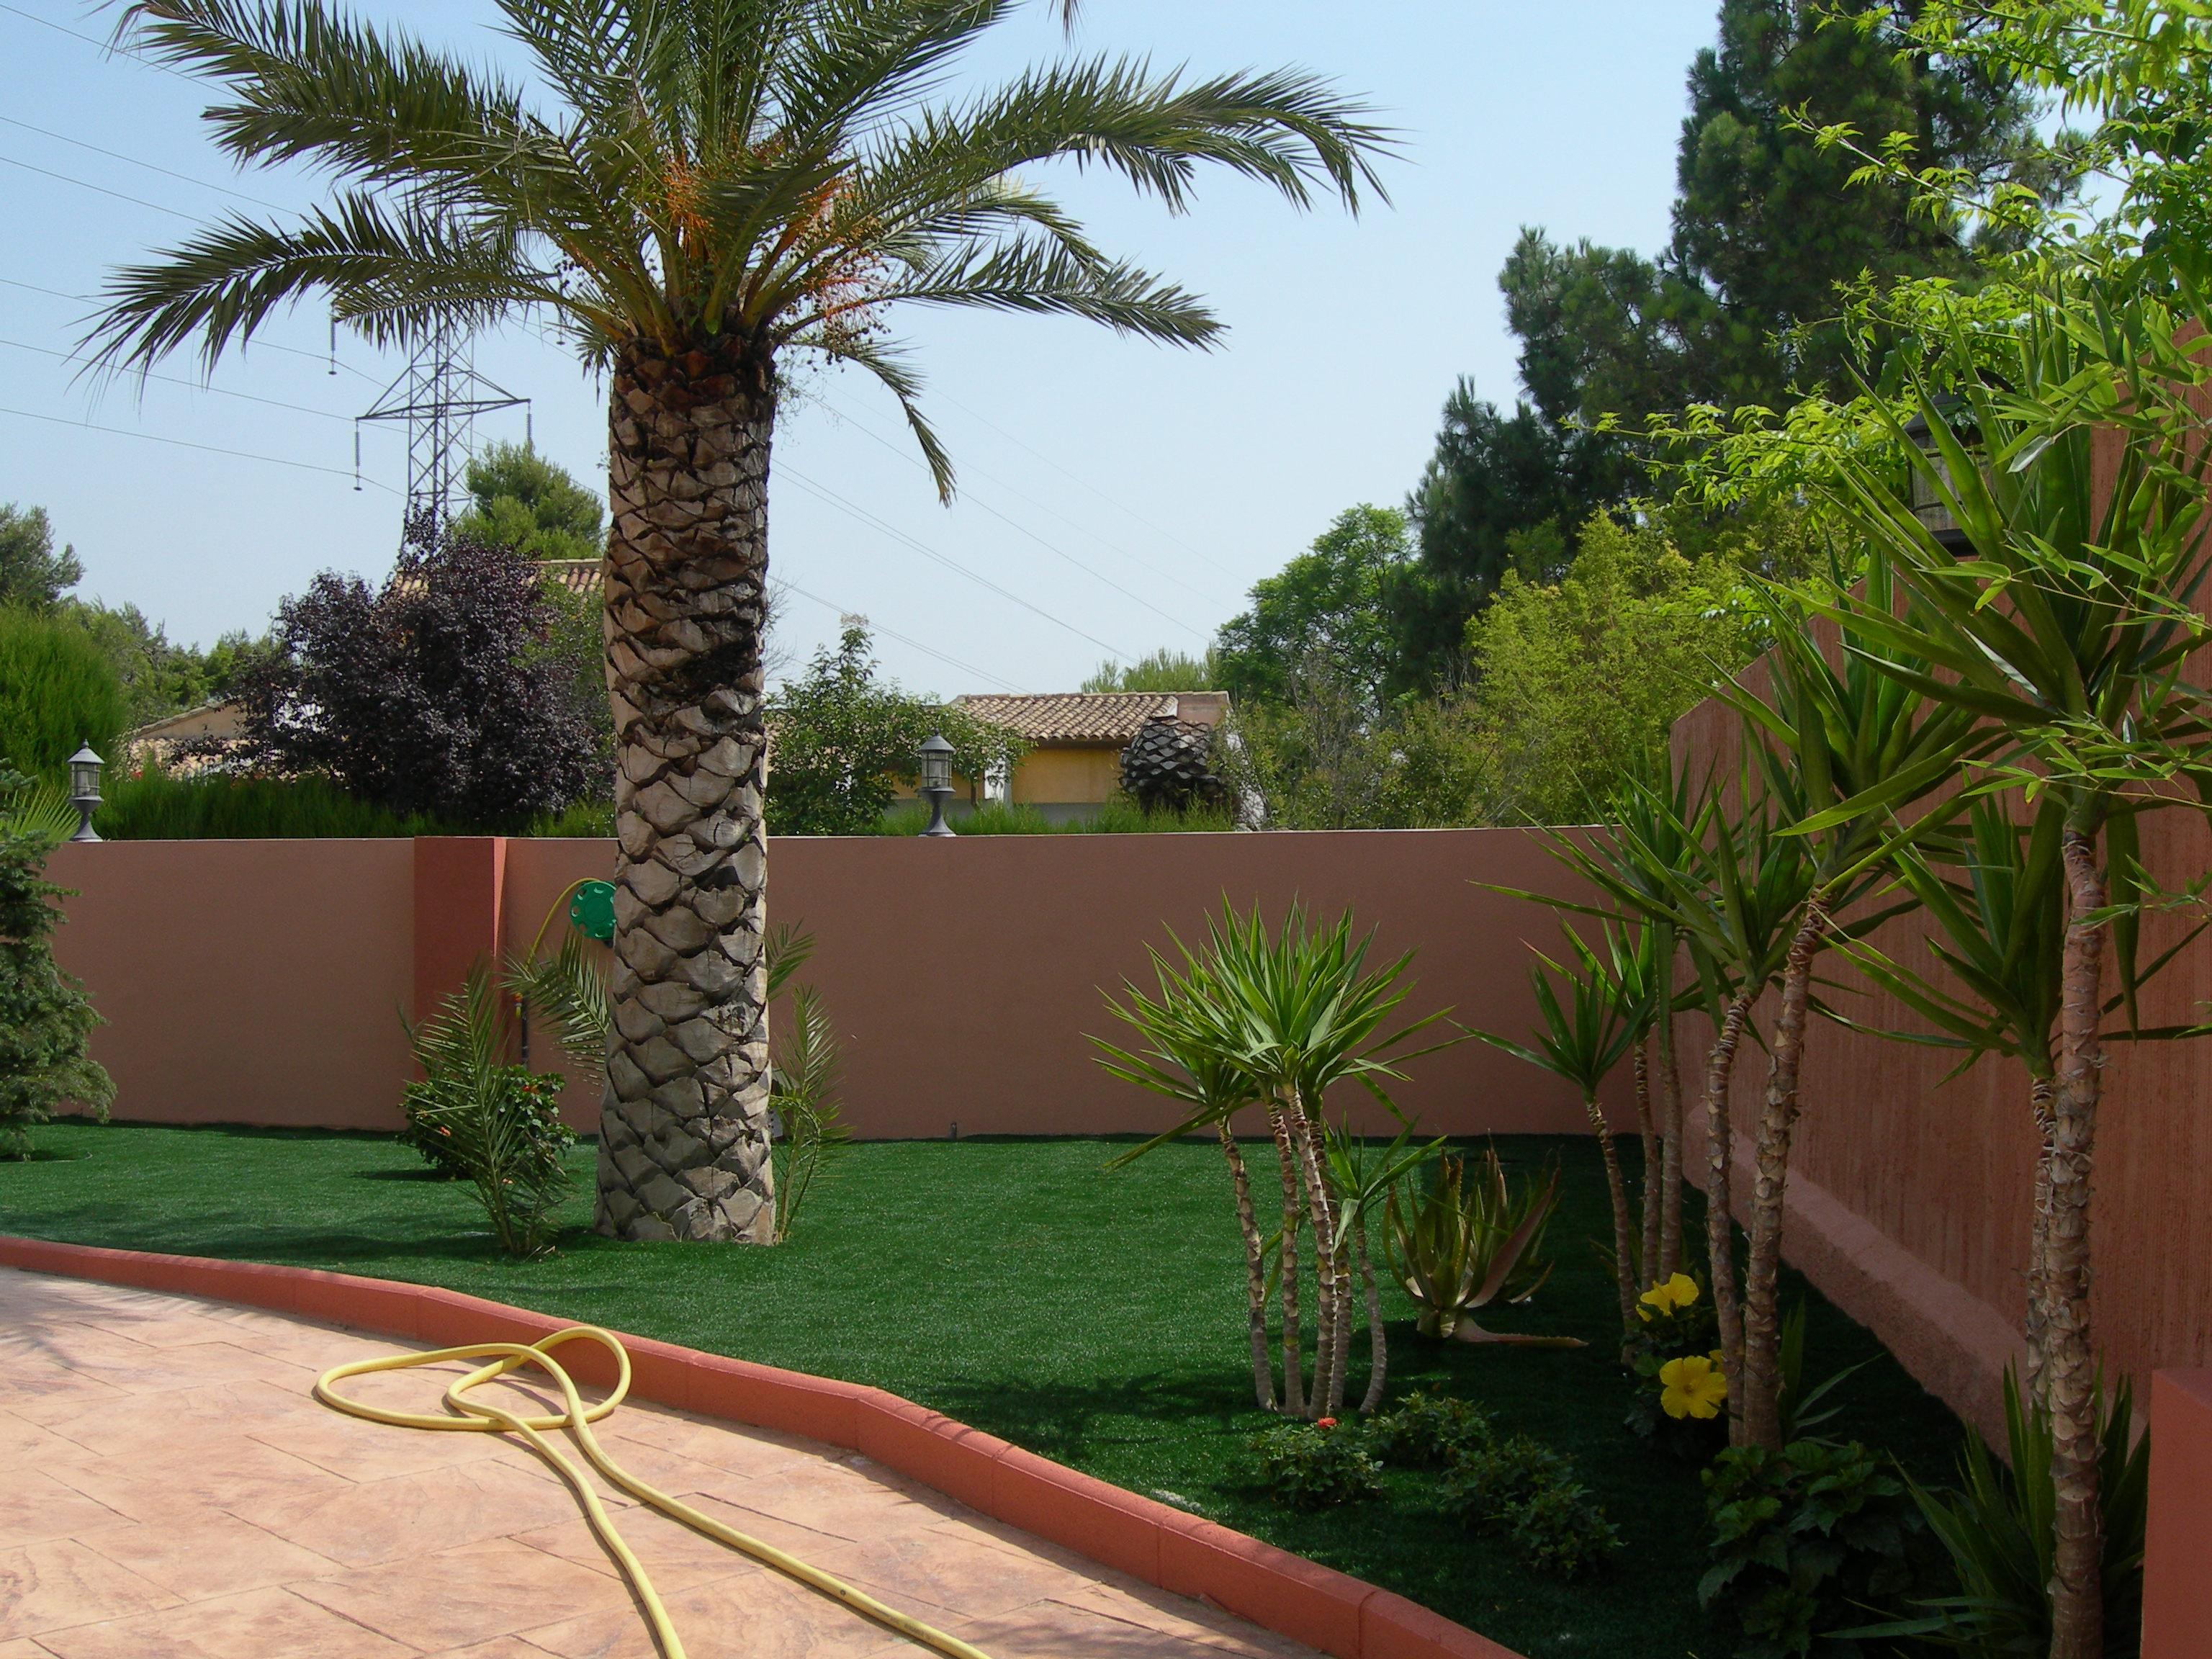 Jardineria en torrente valencia trasejar - Jardineria villanueva valencia ...